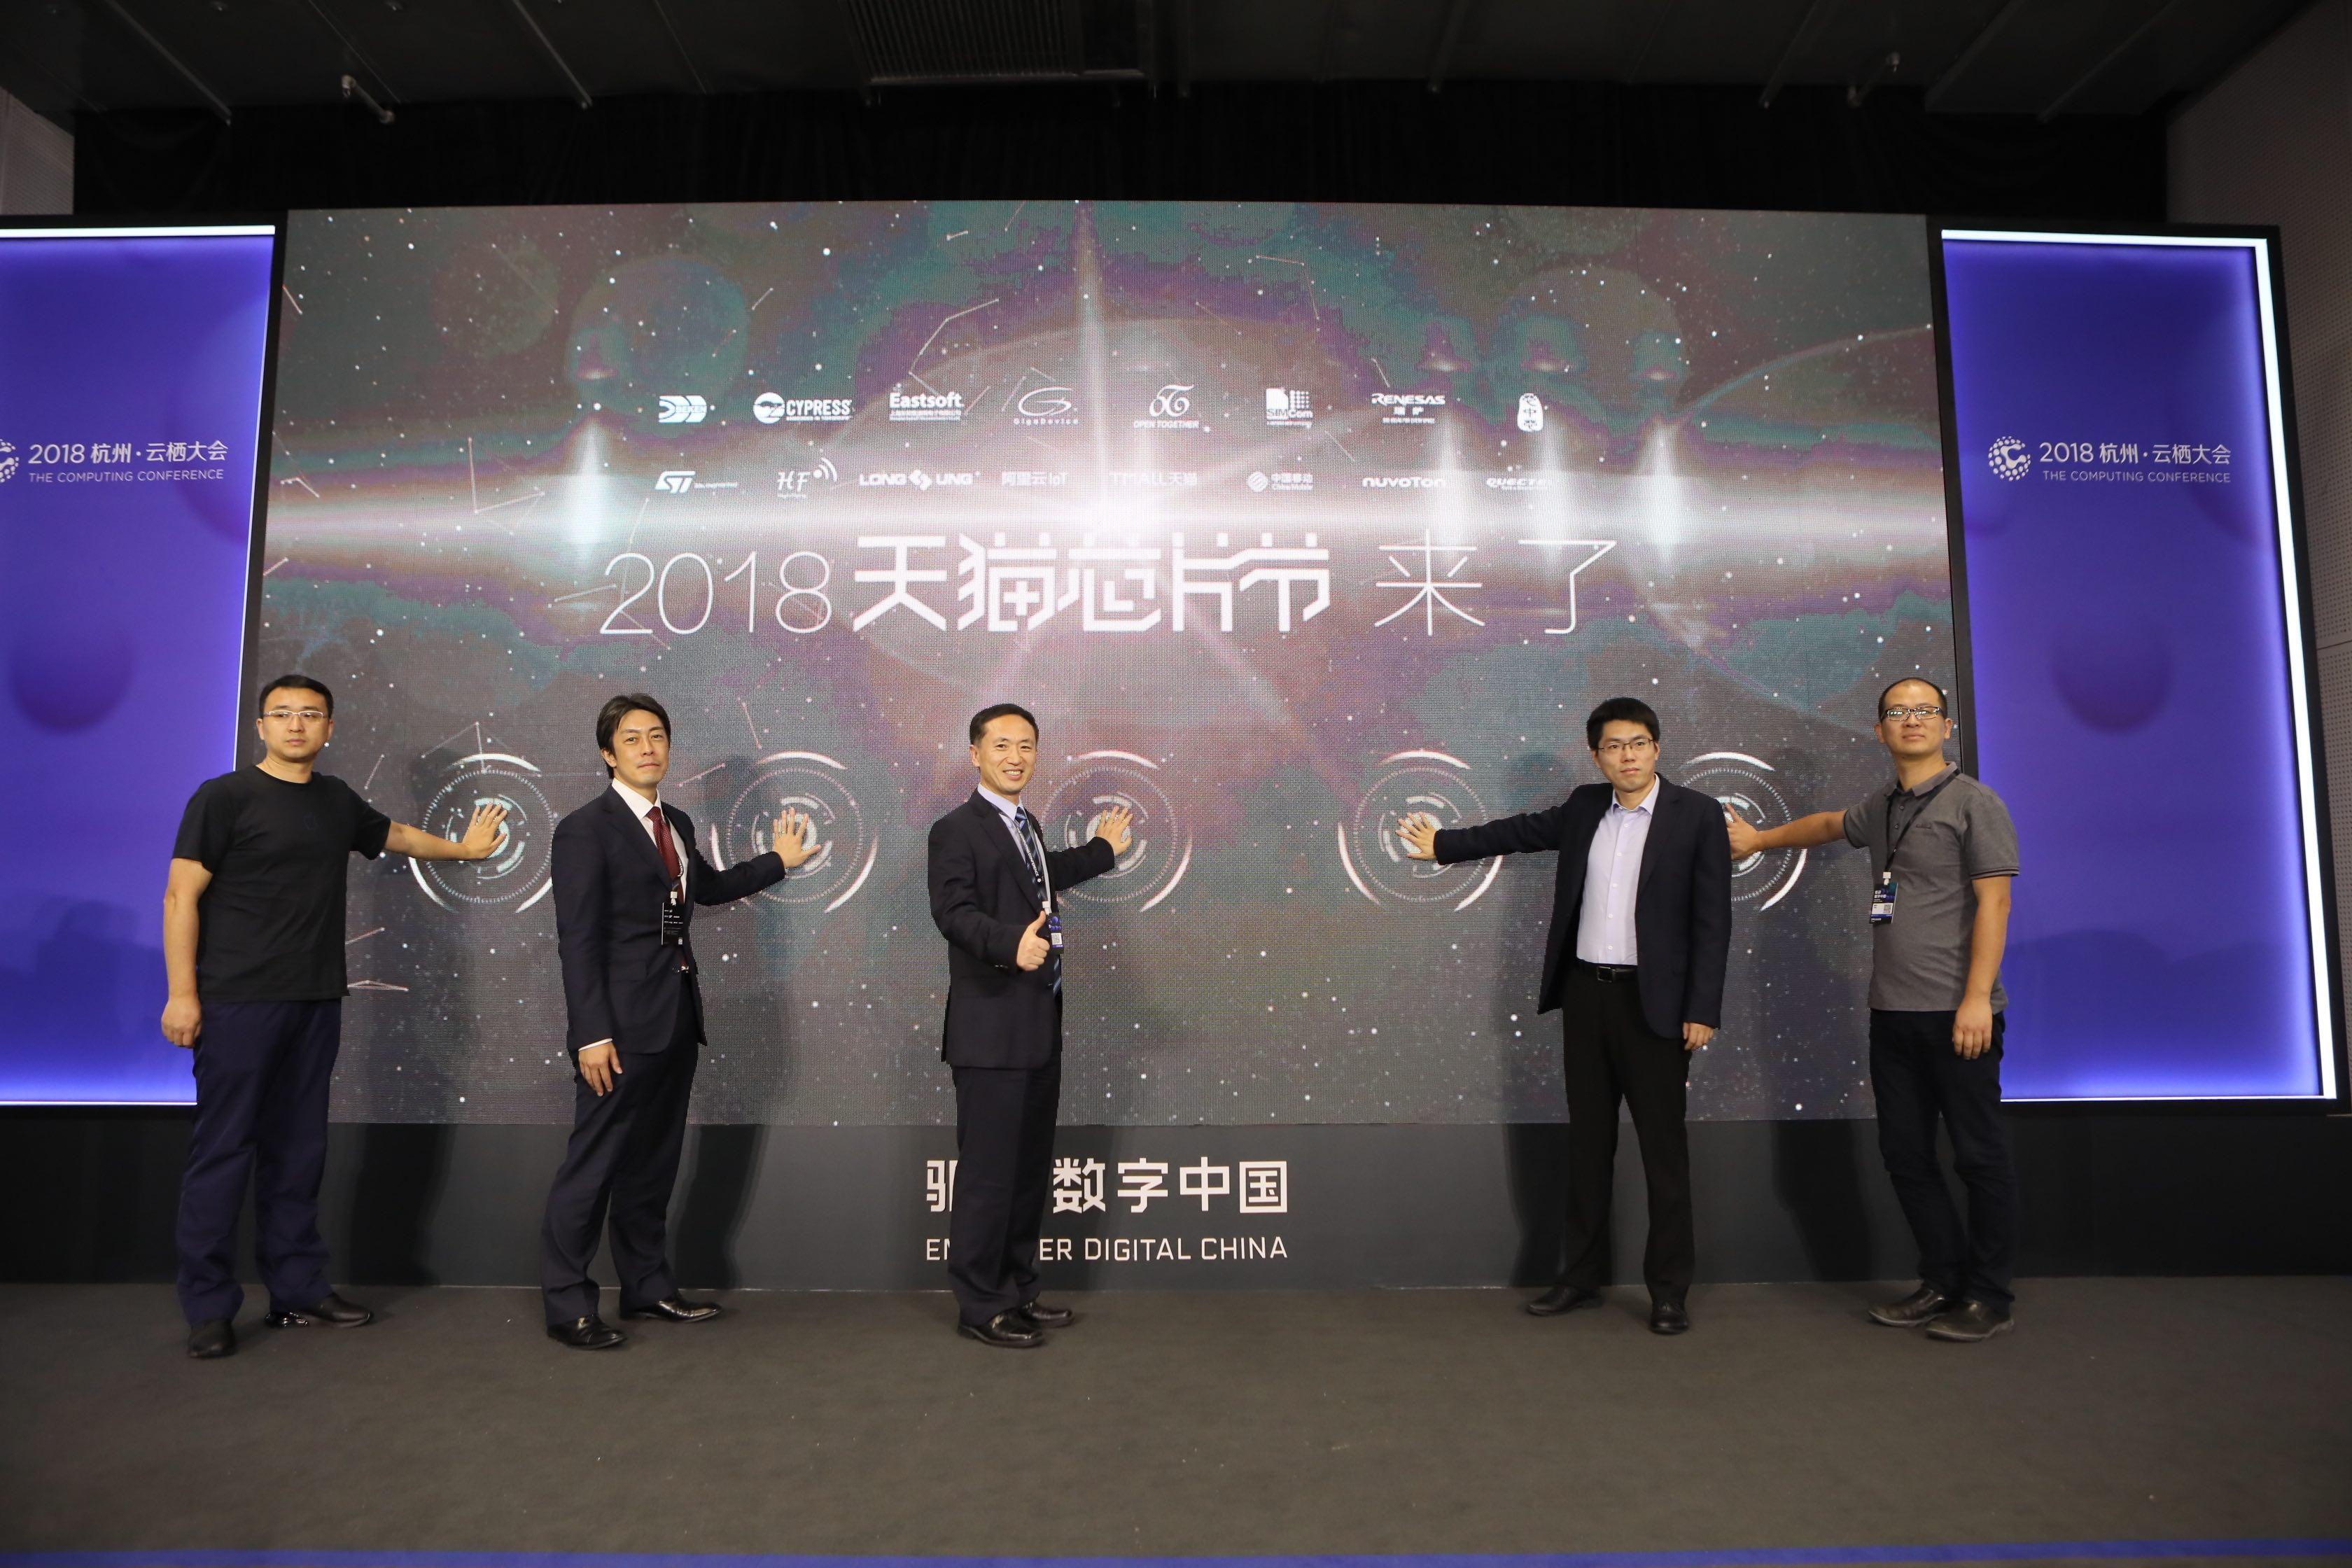 阿里云IoT携手天猫举办芯片节